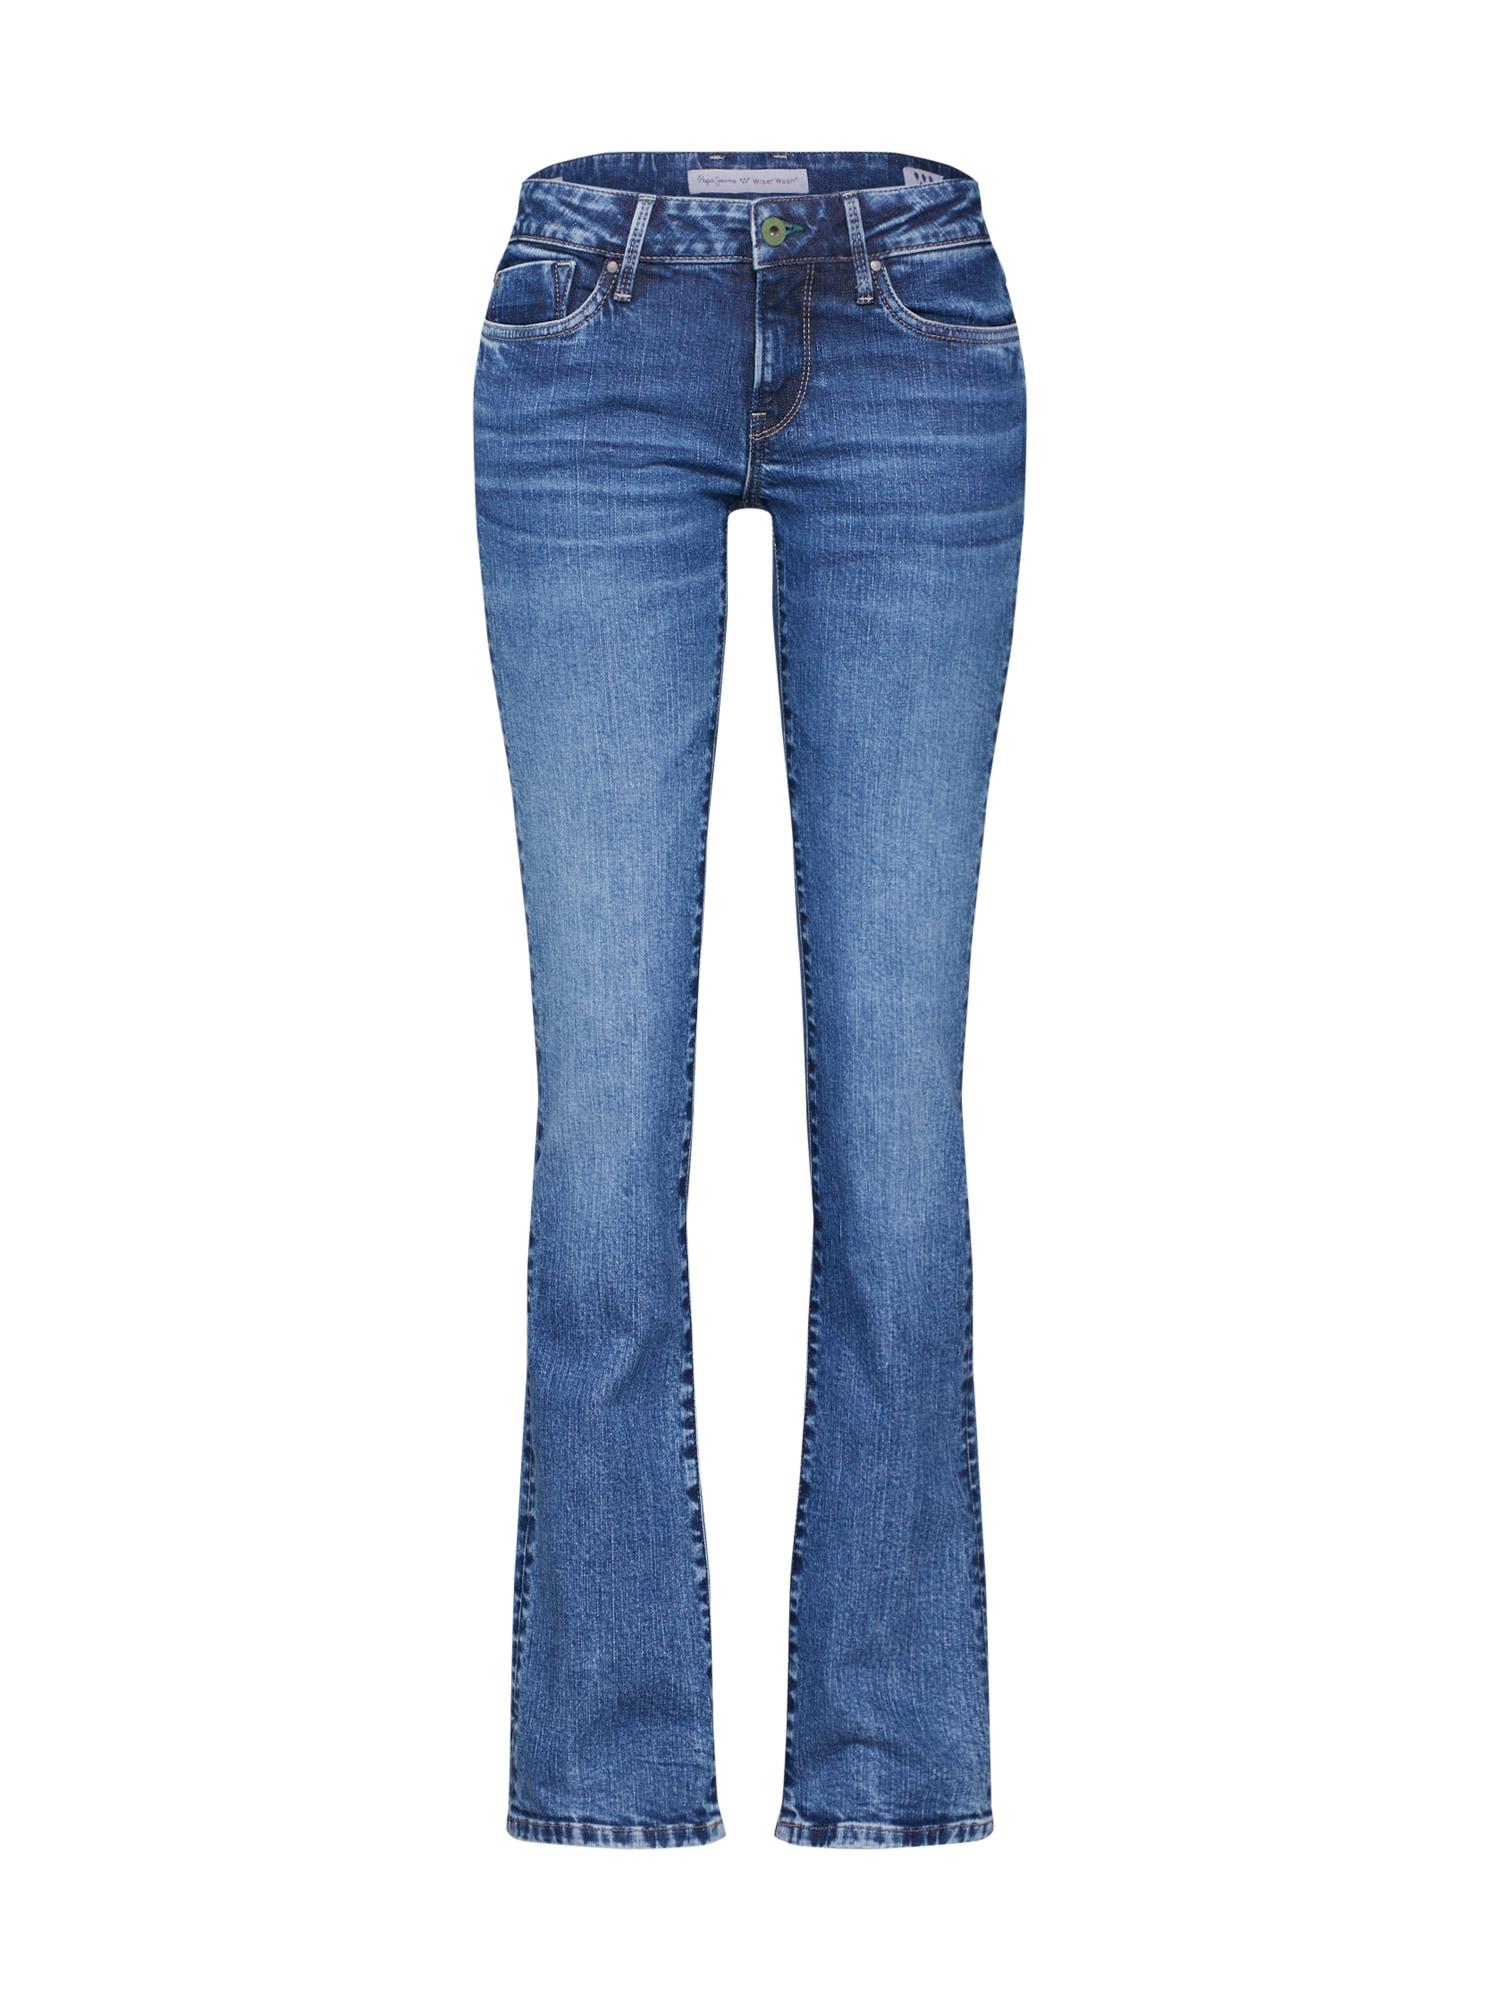 Džíny Piccadilly modrá džínovina Pepe Jeans